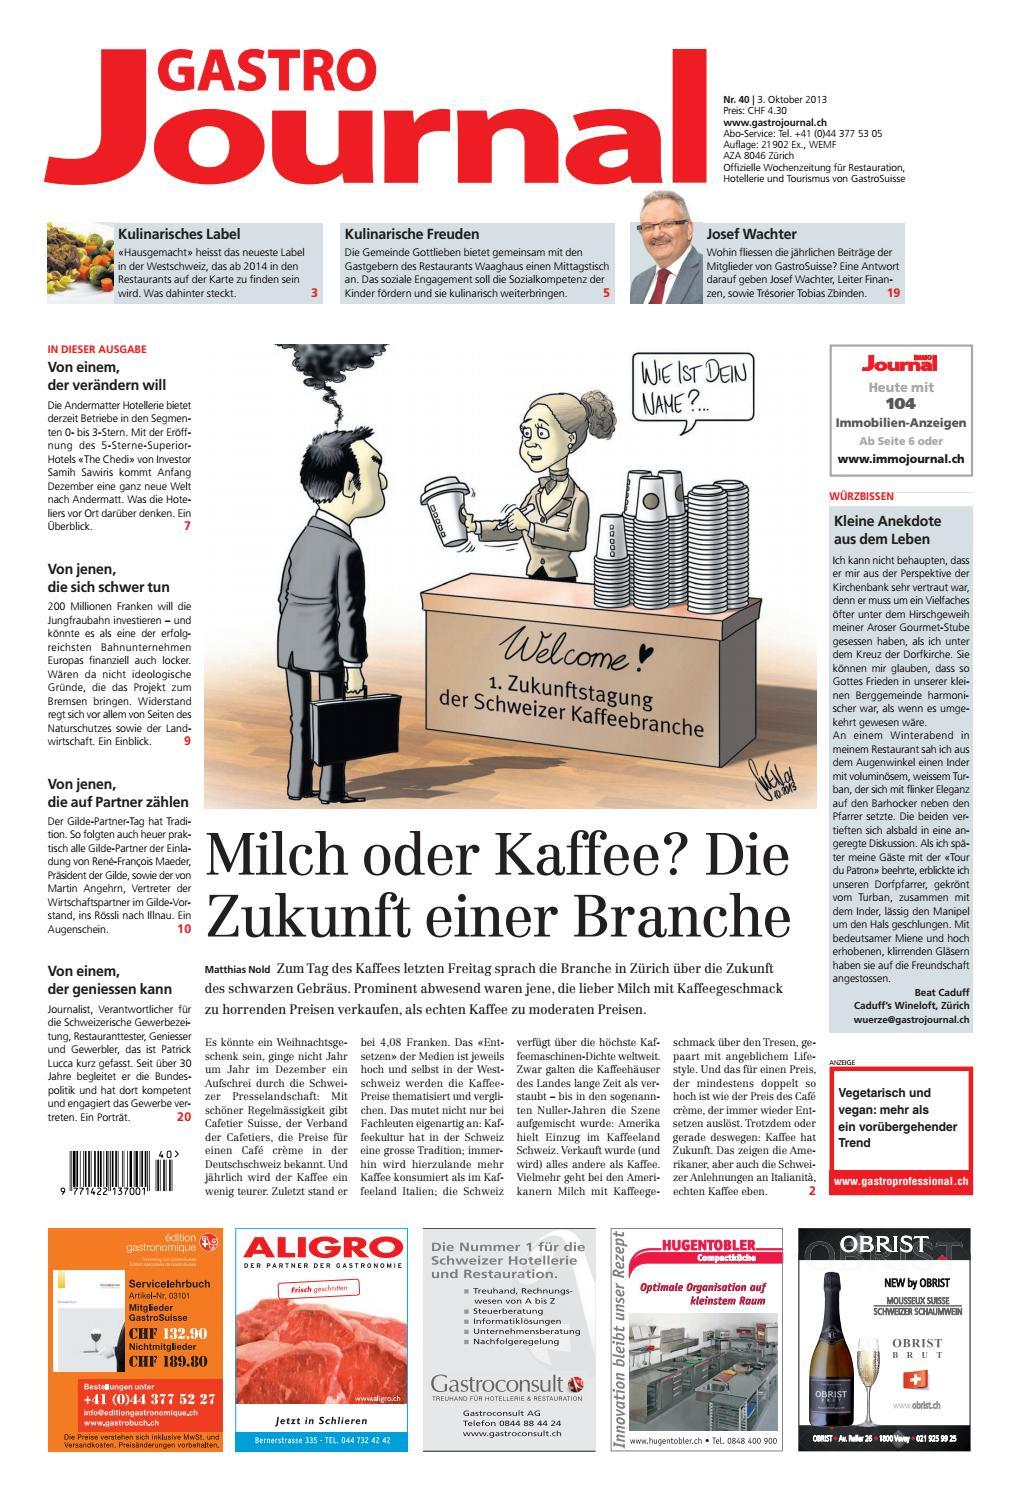 Niedlich Flasche Kellnerin Lebenslauf Zeitgenössisch - Entry Level ...